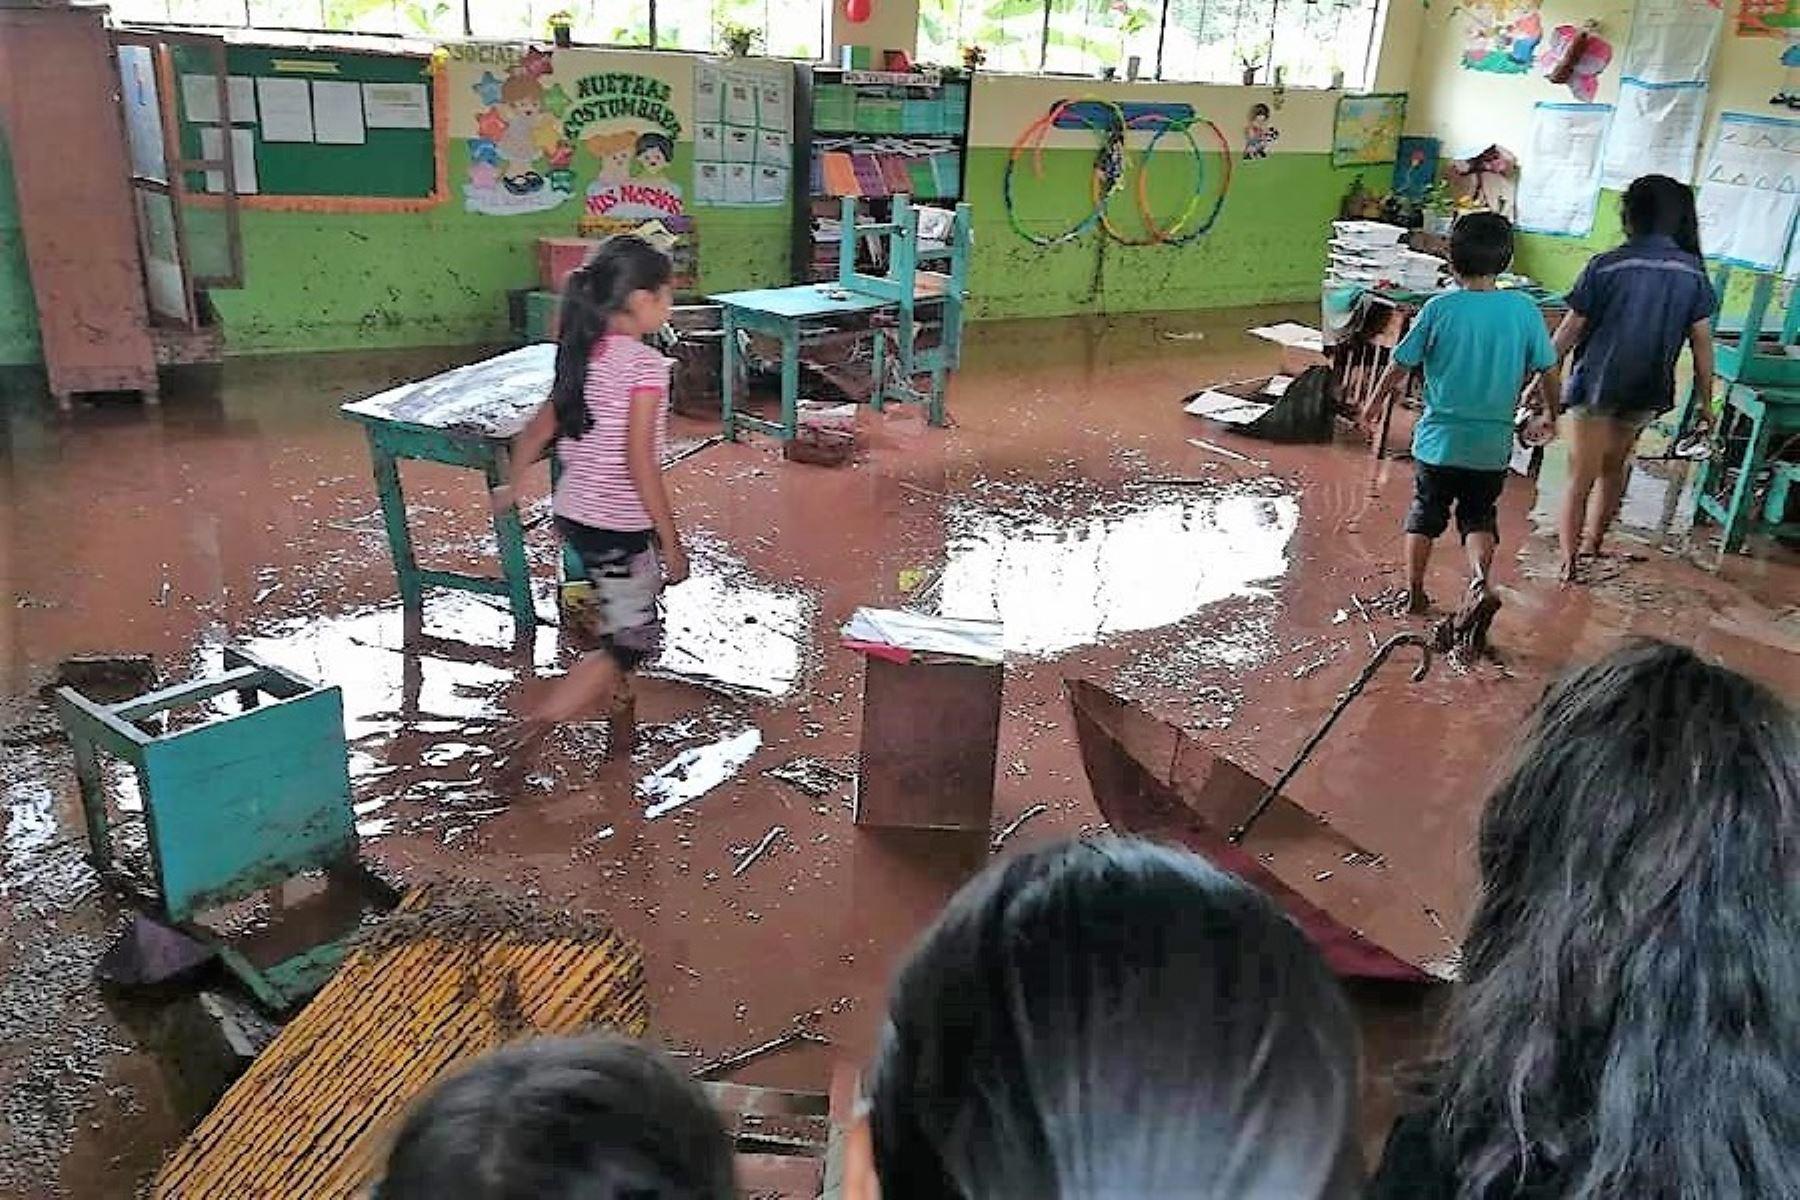 Lluvias intensas causan daños en viviendas y en carretera a Perené, en Chanchamayo, Junín. ANDINA